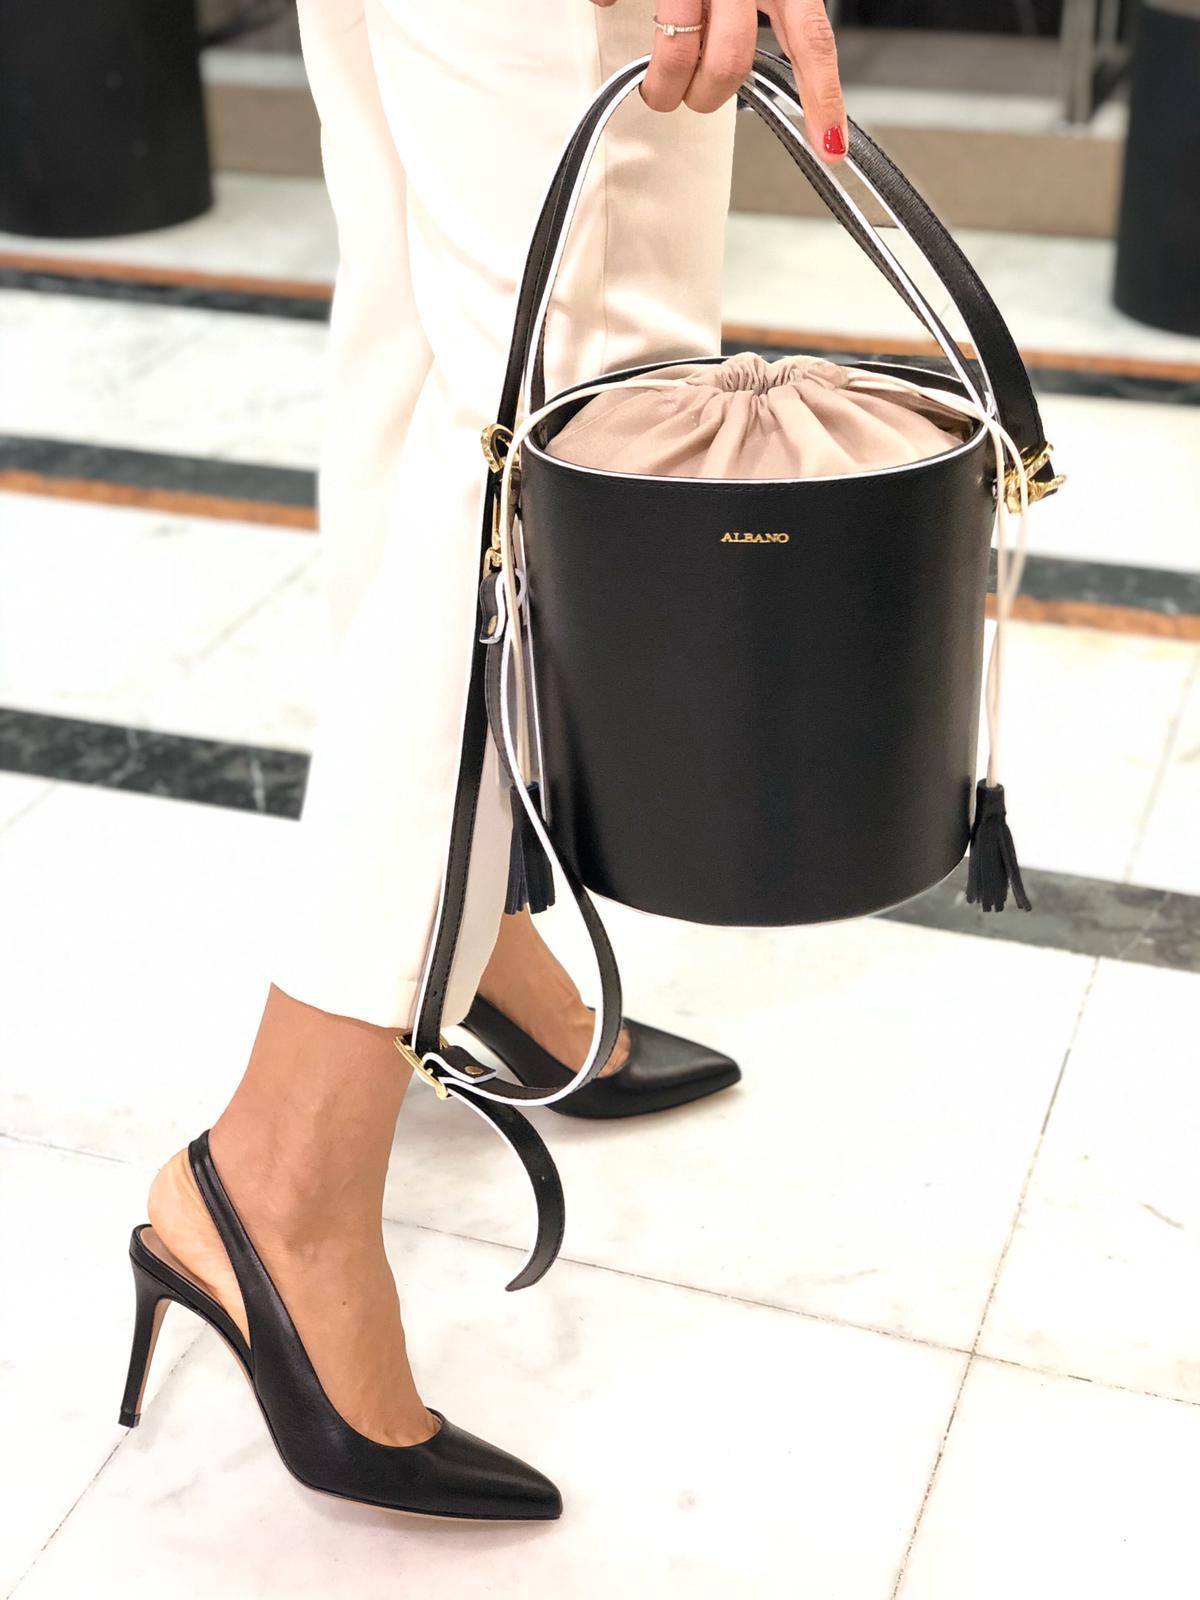 Negozio online calzature donna, spedizione gratuita (10